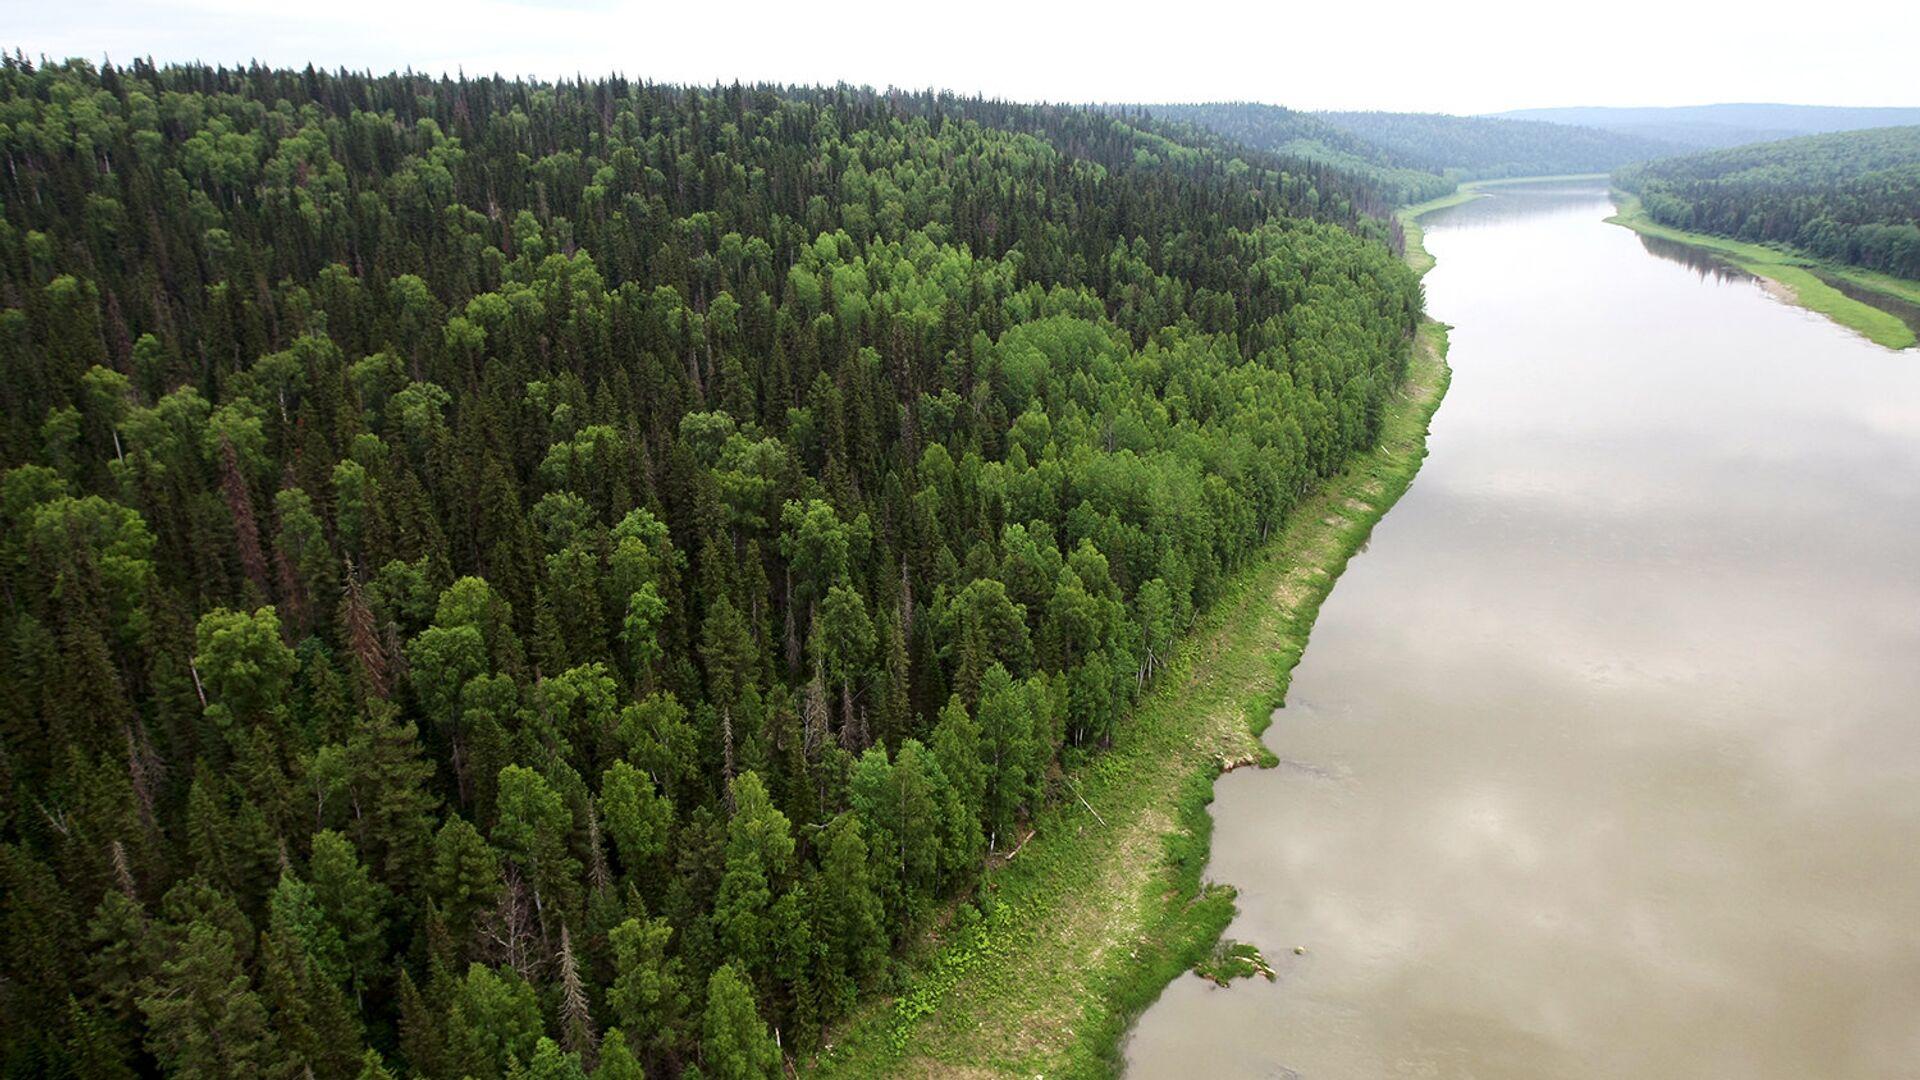 ОНФ предложил меры для улучшения экологии в Сибири и на Дальнем Востоке - РИА Новости, 1920, 30.09.2020